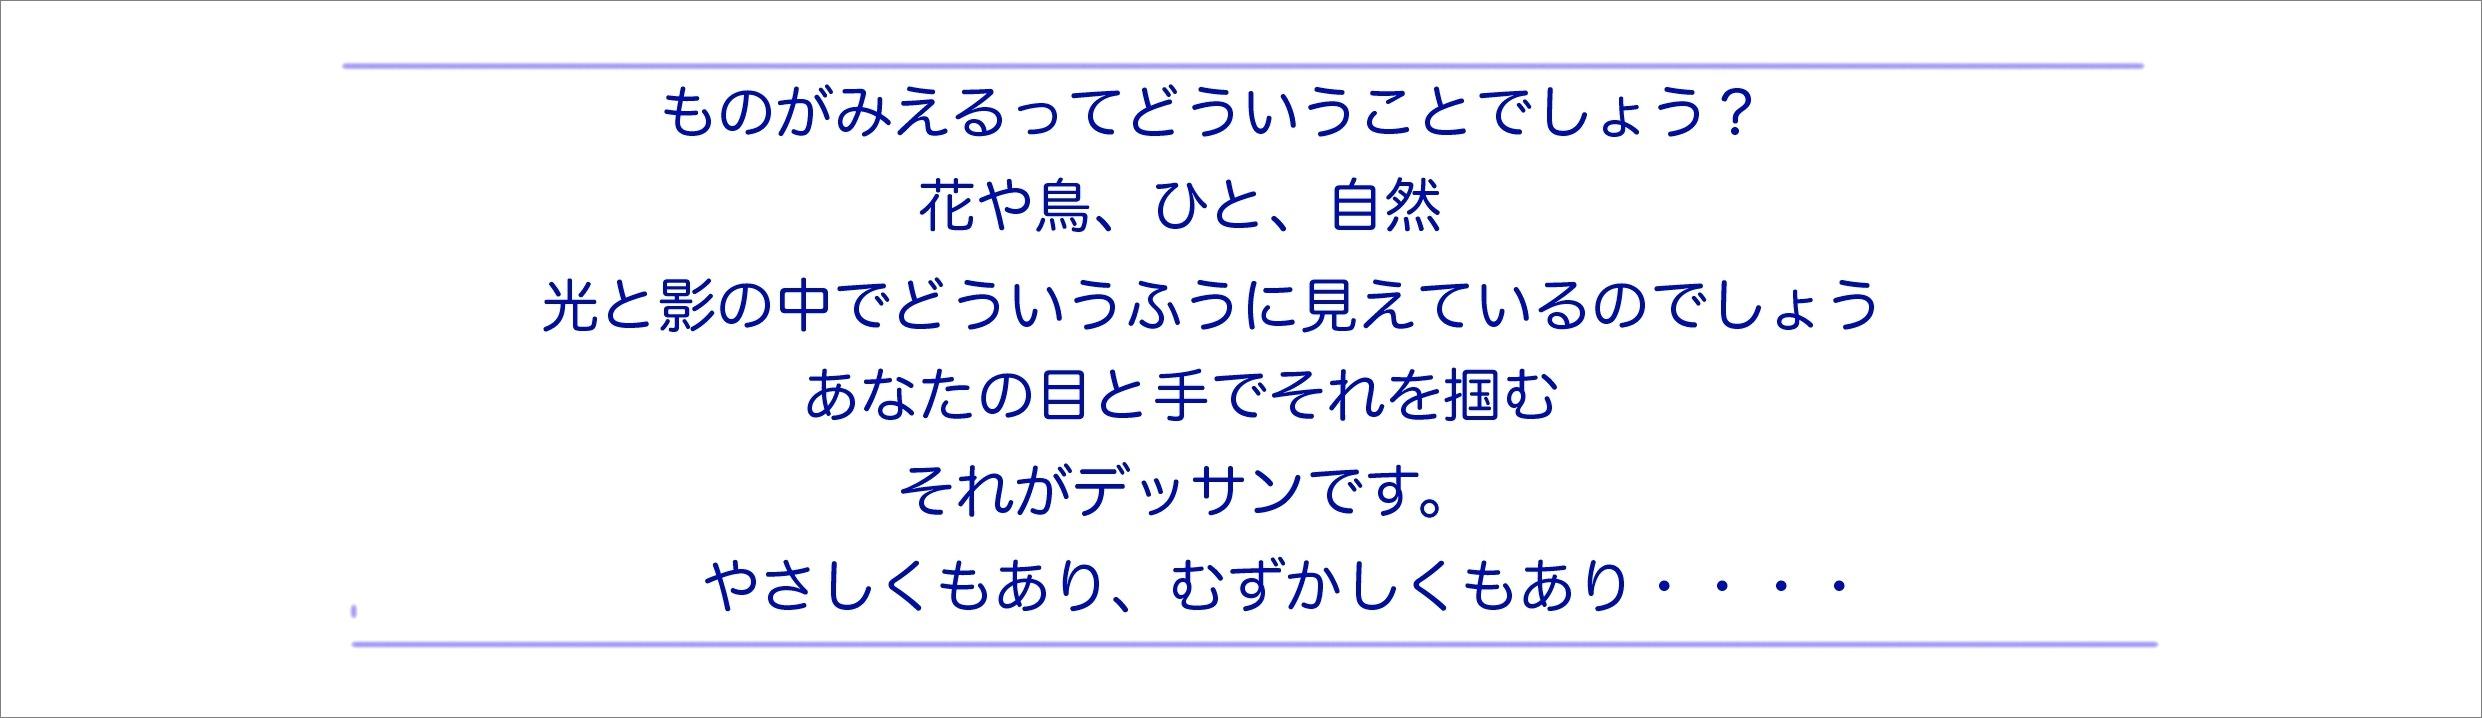 裸婦線描 木炭で_f0159856_7254846.jpg